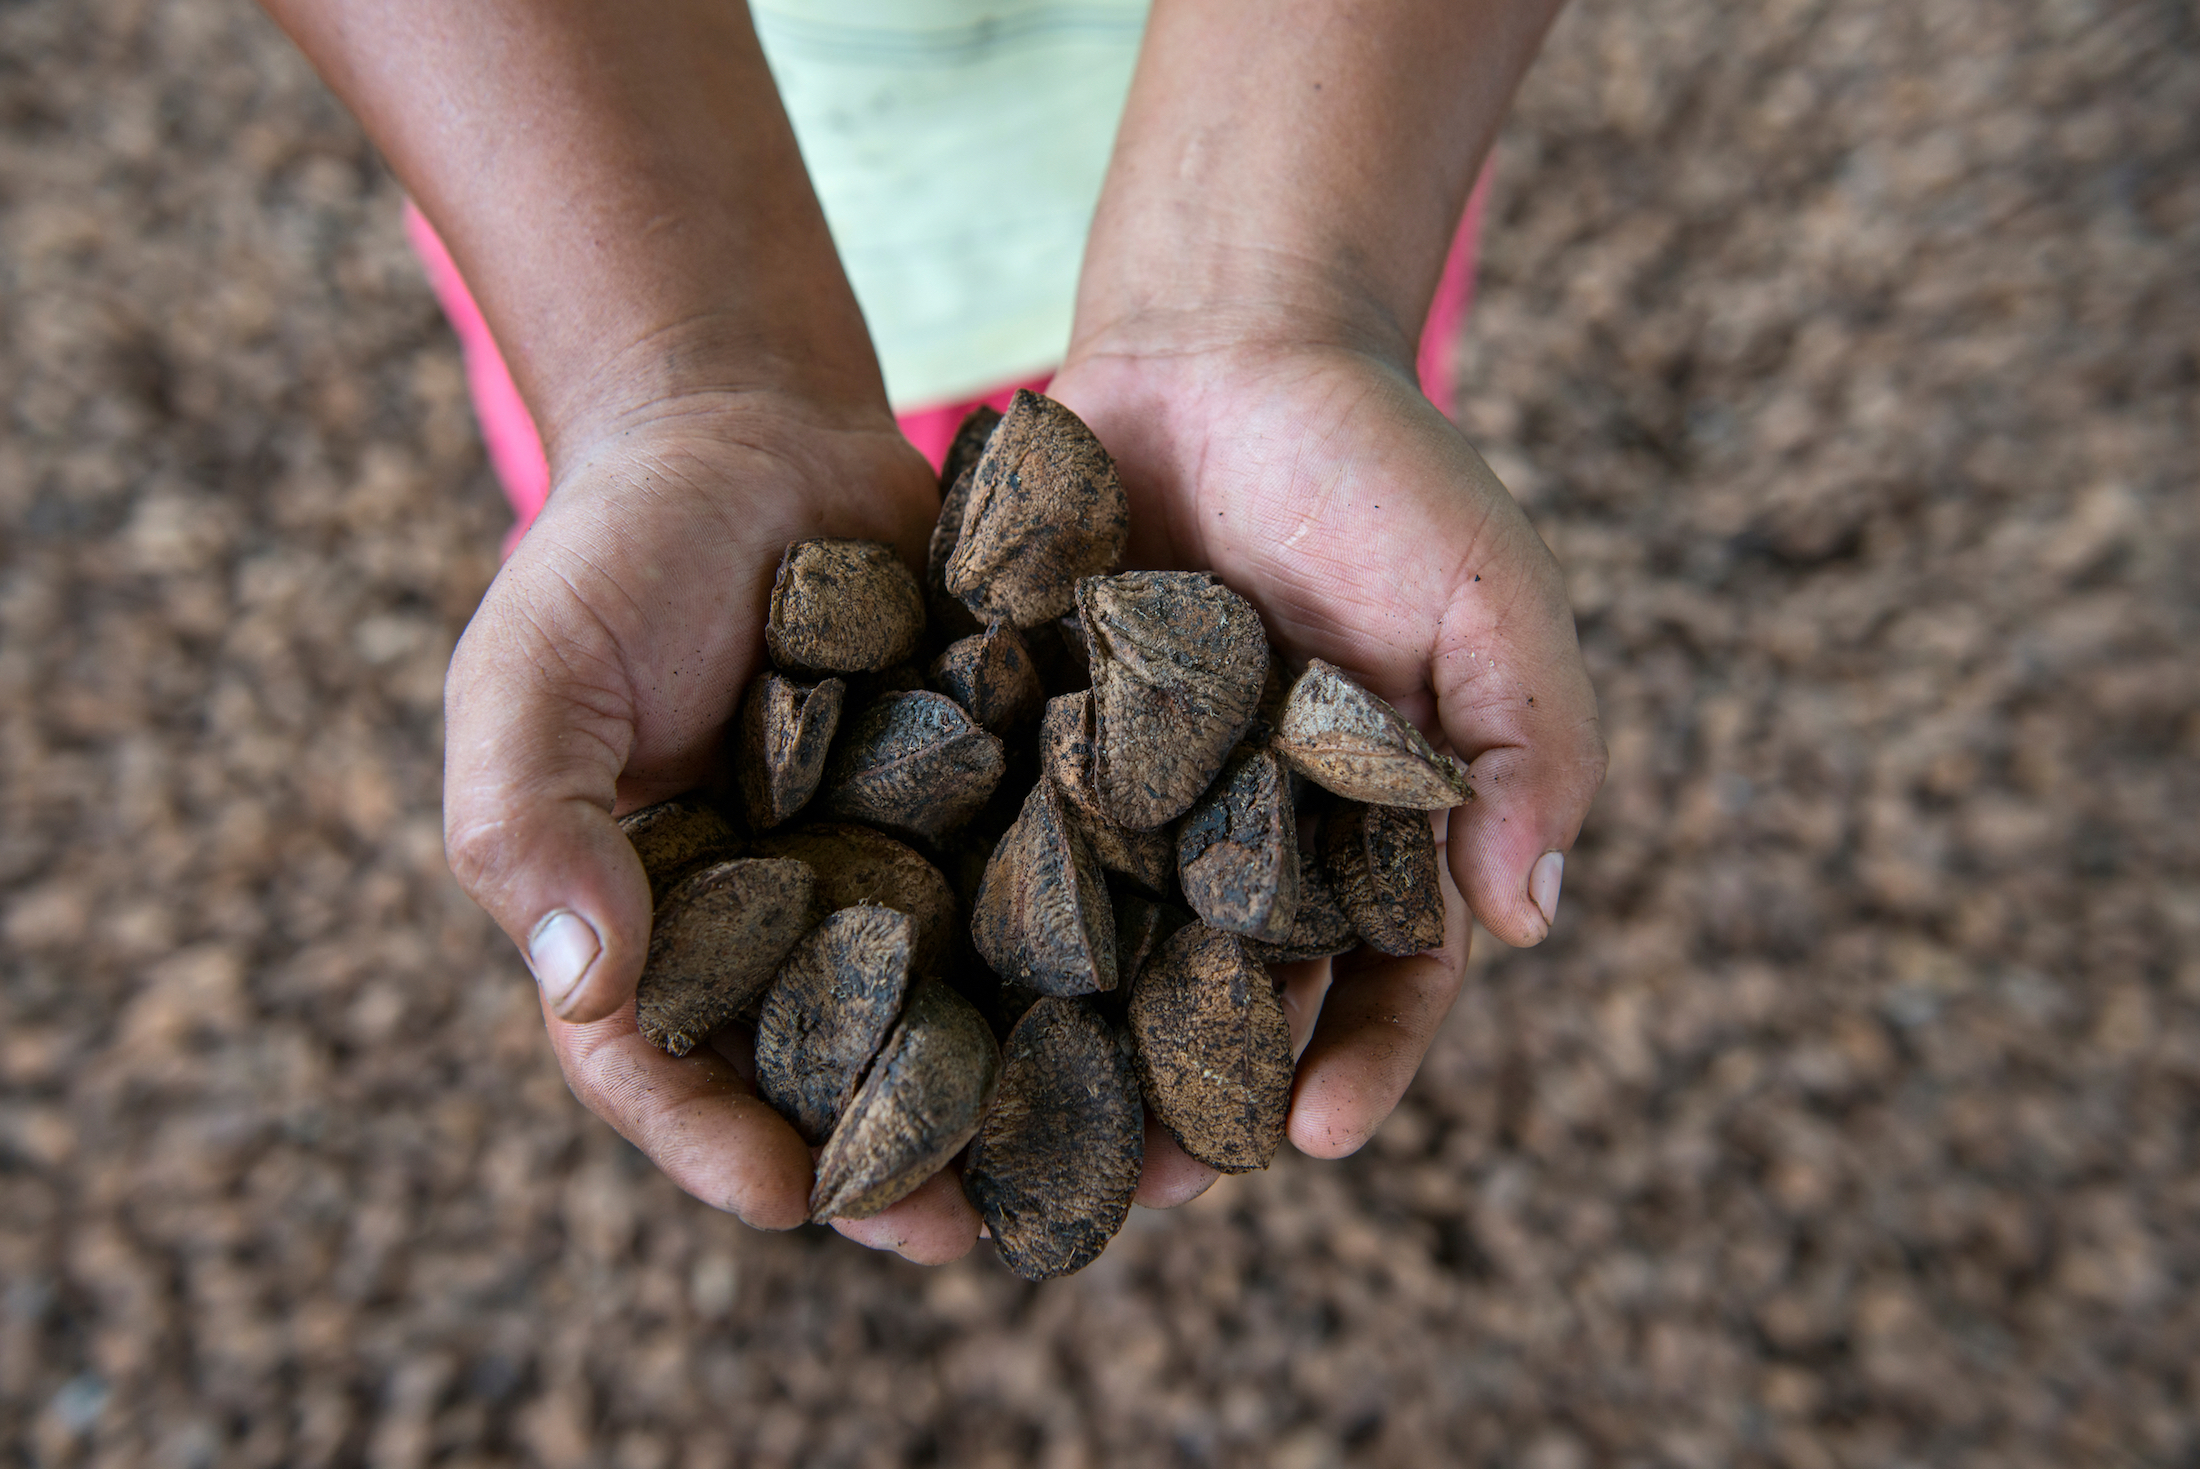 El manejo de la castaña es una de las actividades productivas de la Amazonía. Foto: Nicolás Villaume / WWF US.